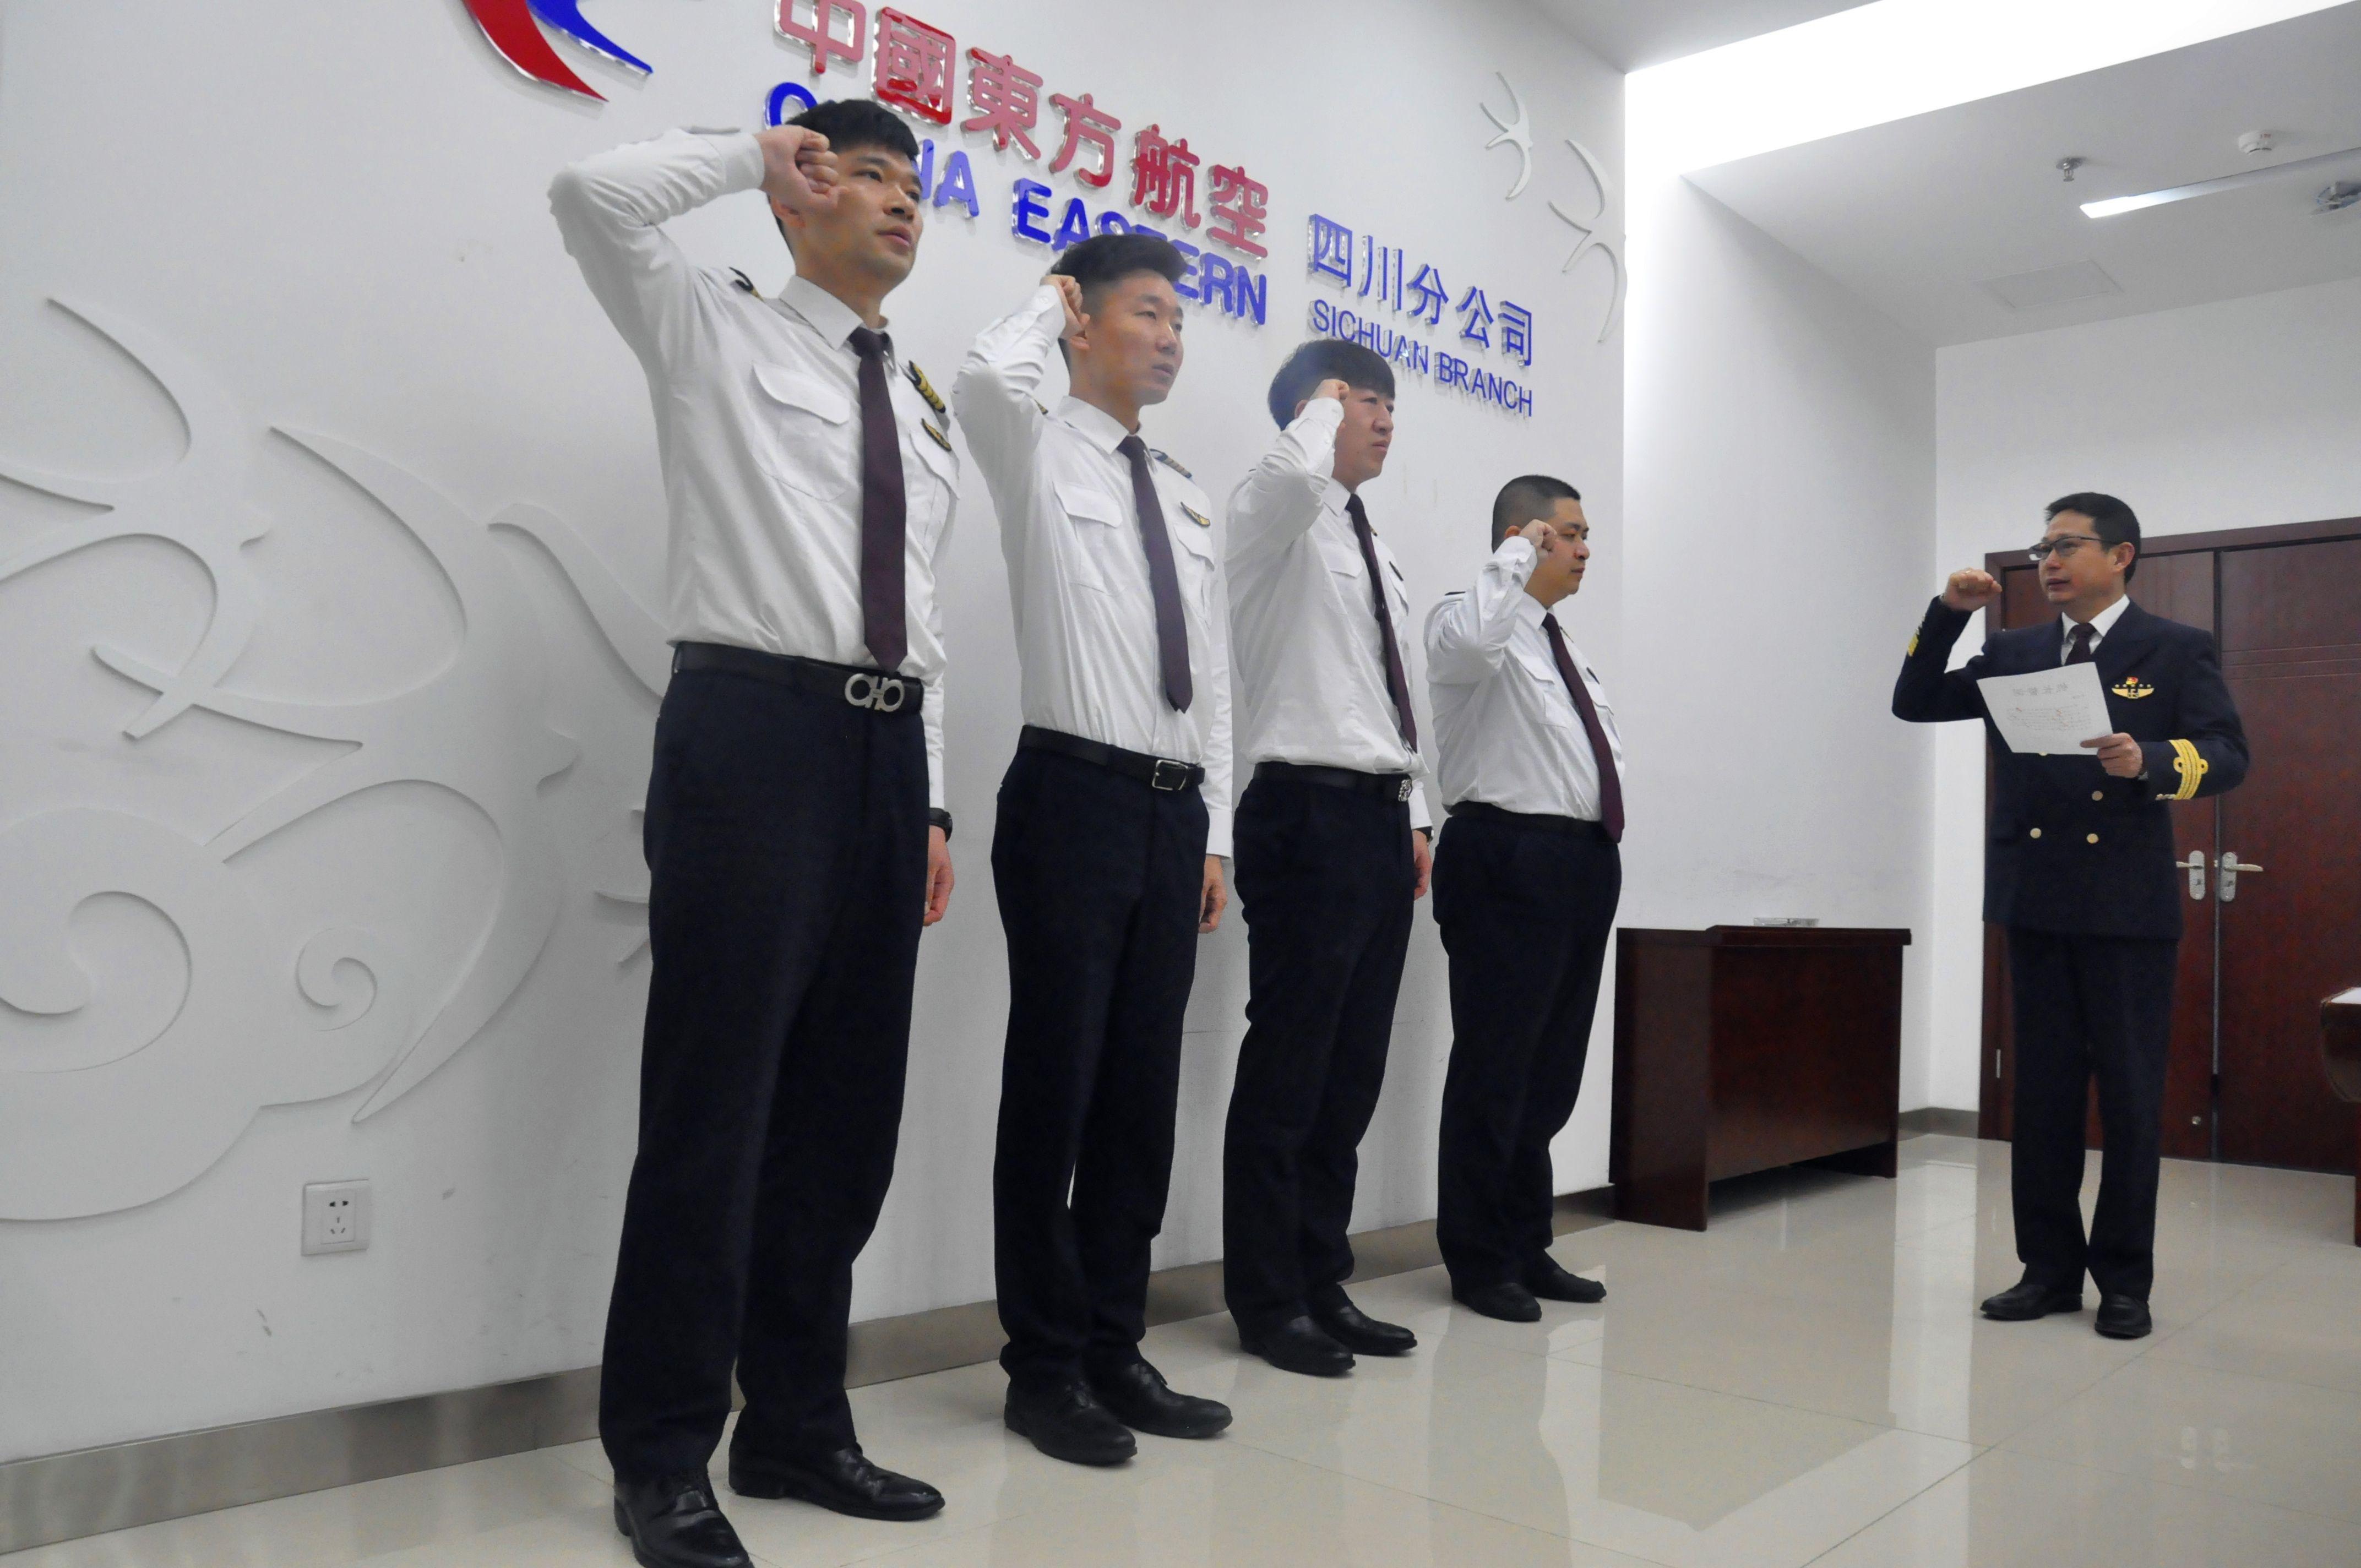 东航四川分公司举行新晋机长聘任仪式